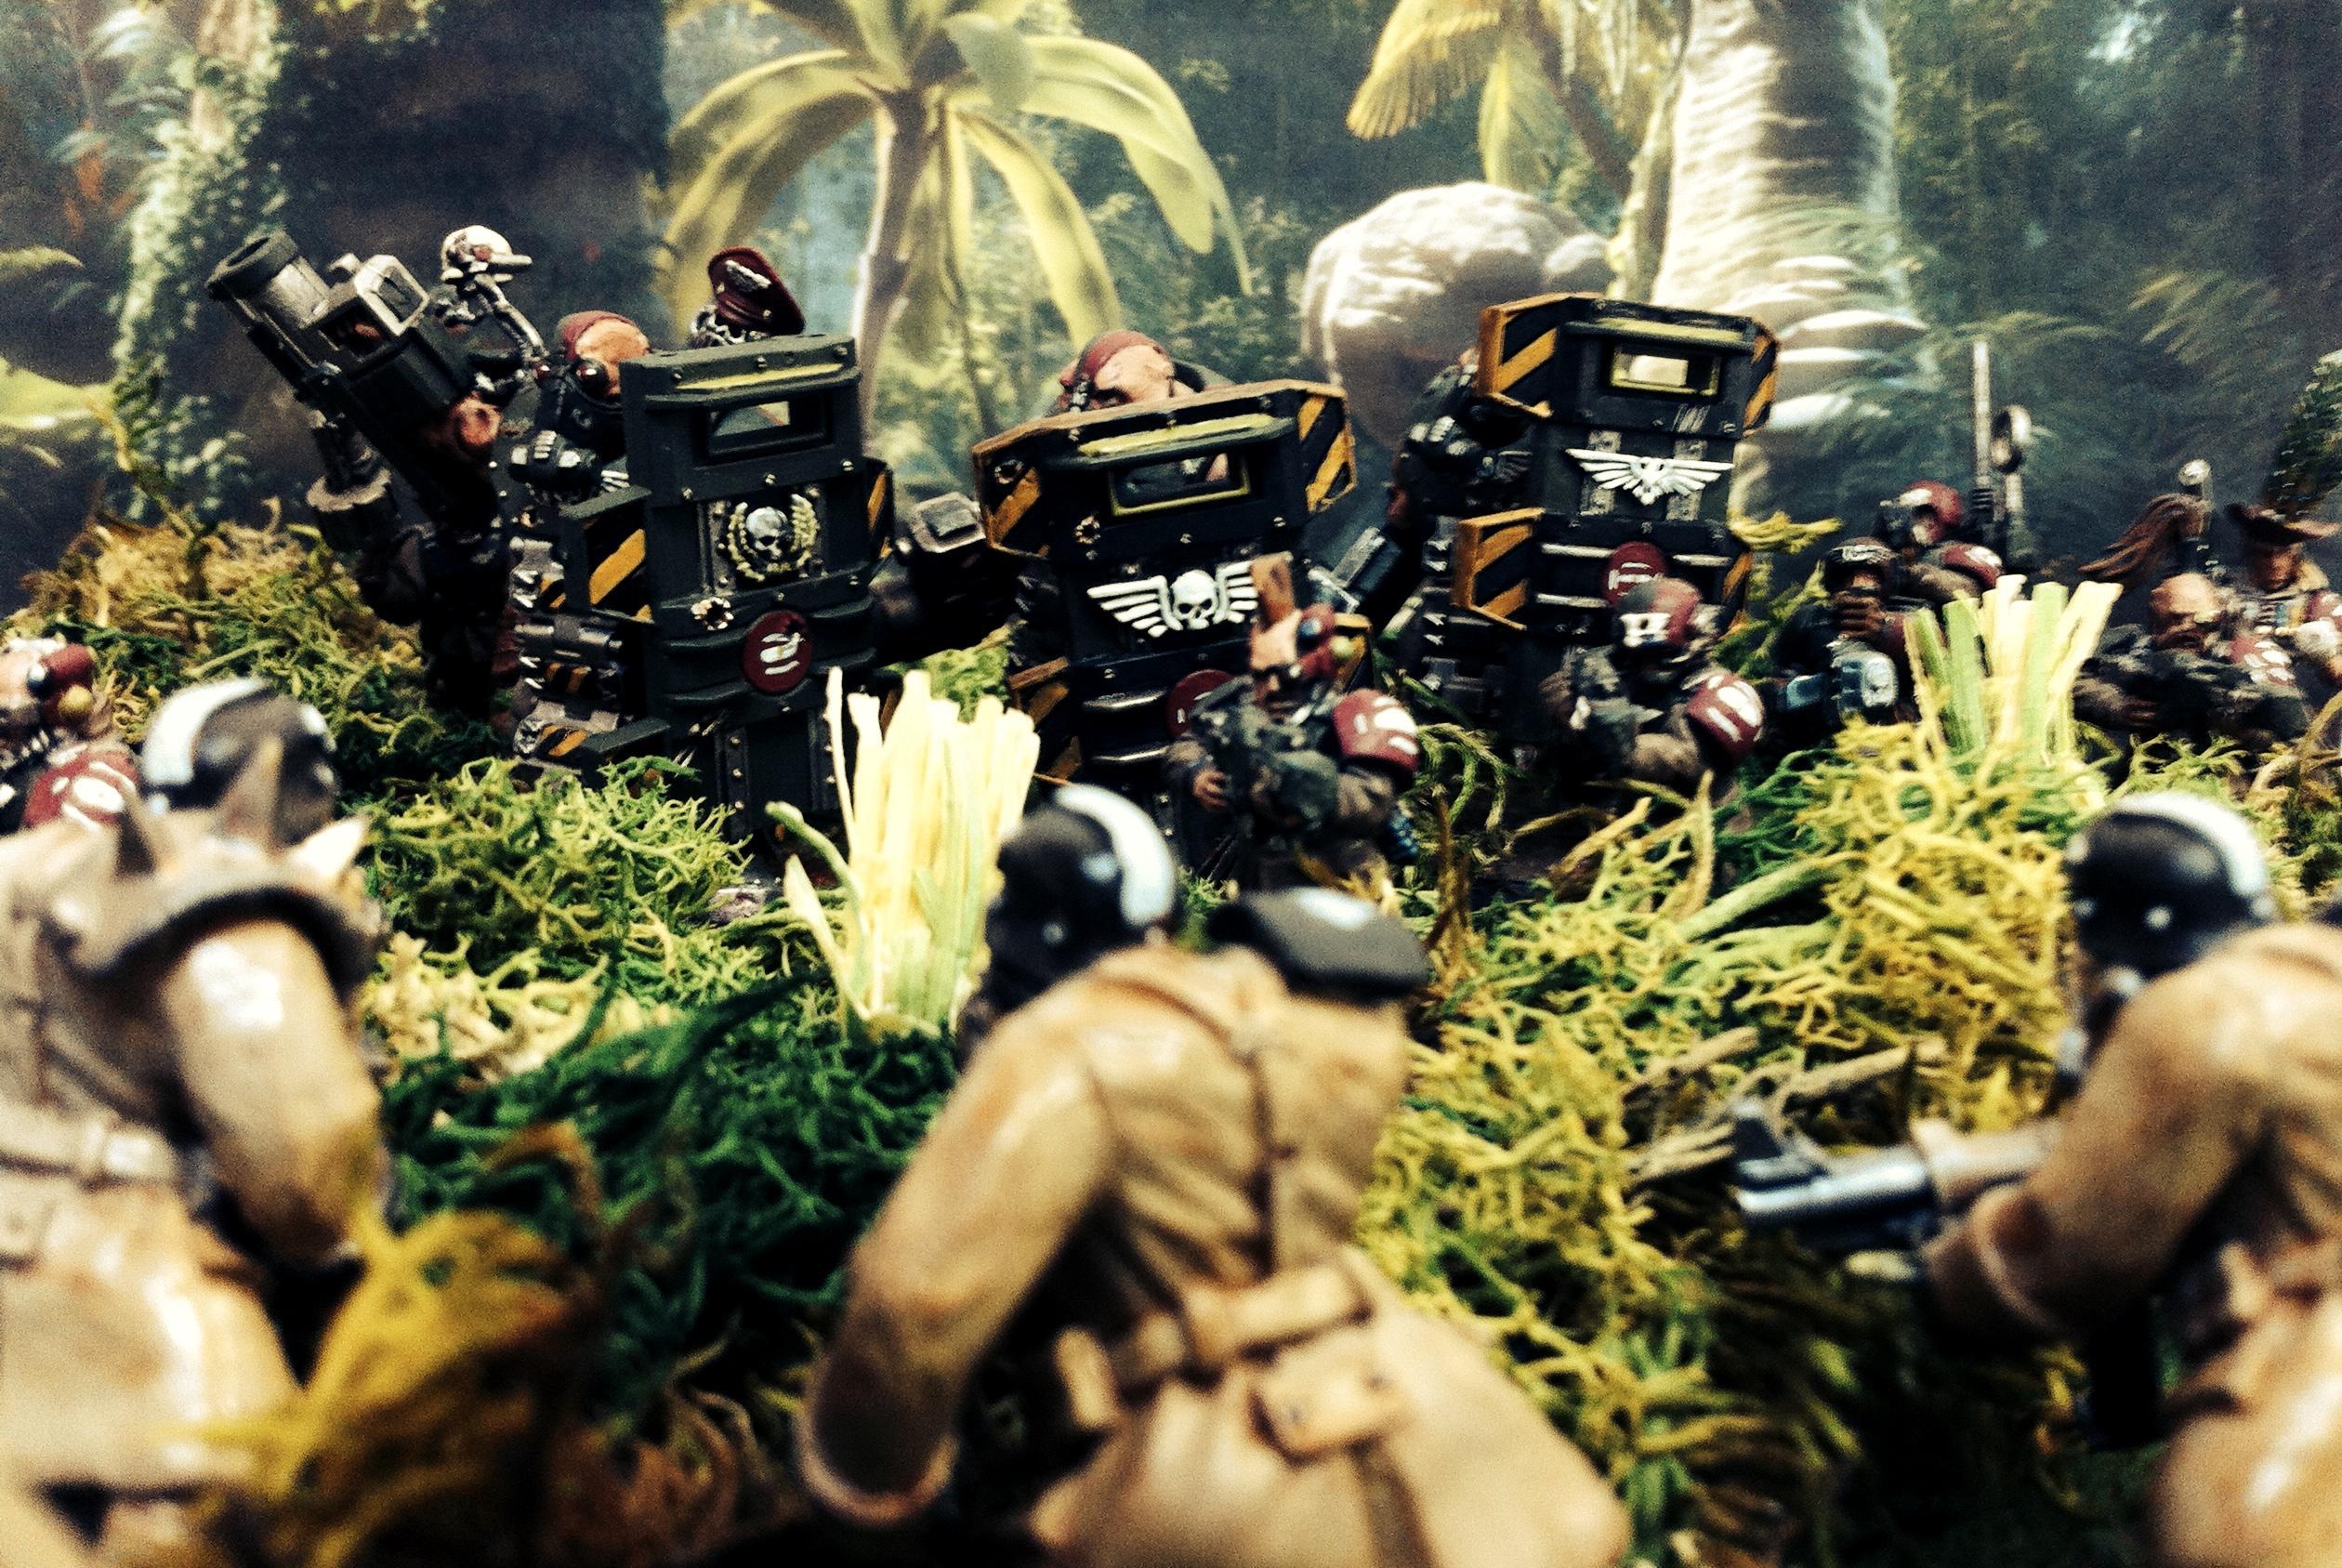 Astra Militarium, Diorama, Imperial Guard, Jungle, Kromlech, Orks, Warhammer 40,000